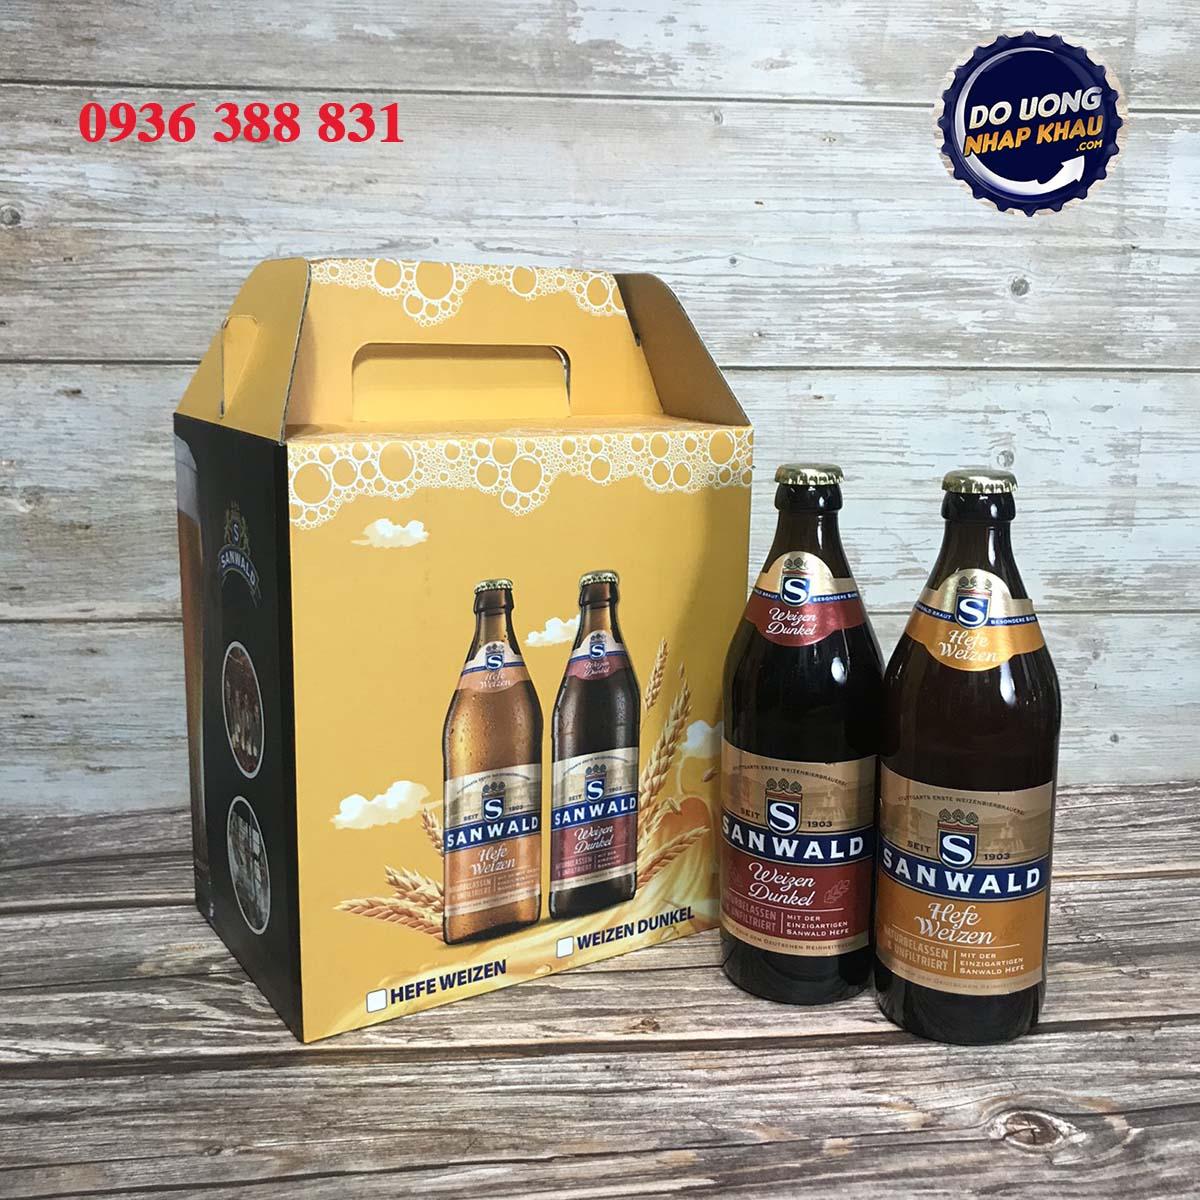 Hộp quà bia Sanwald Đức